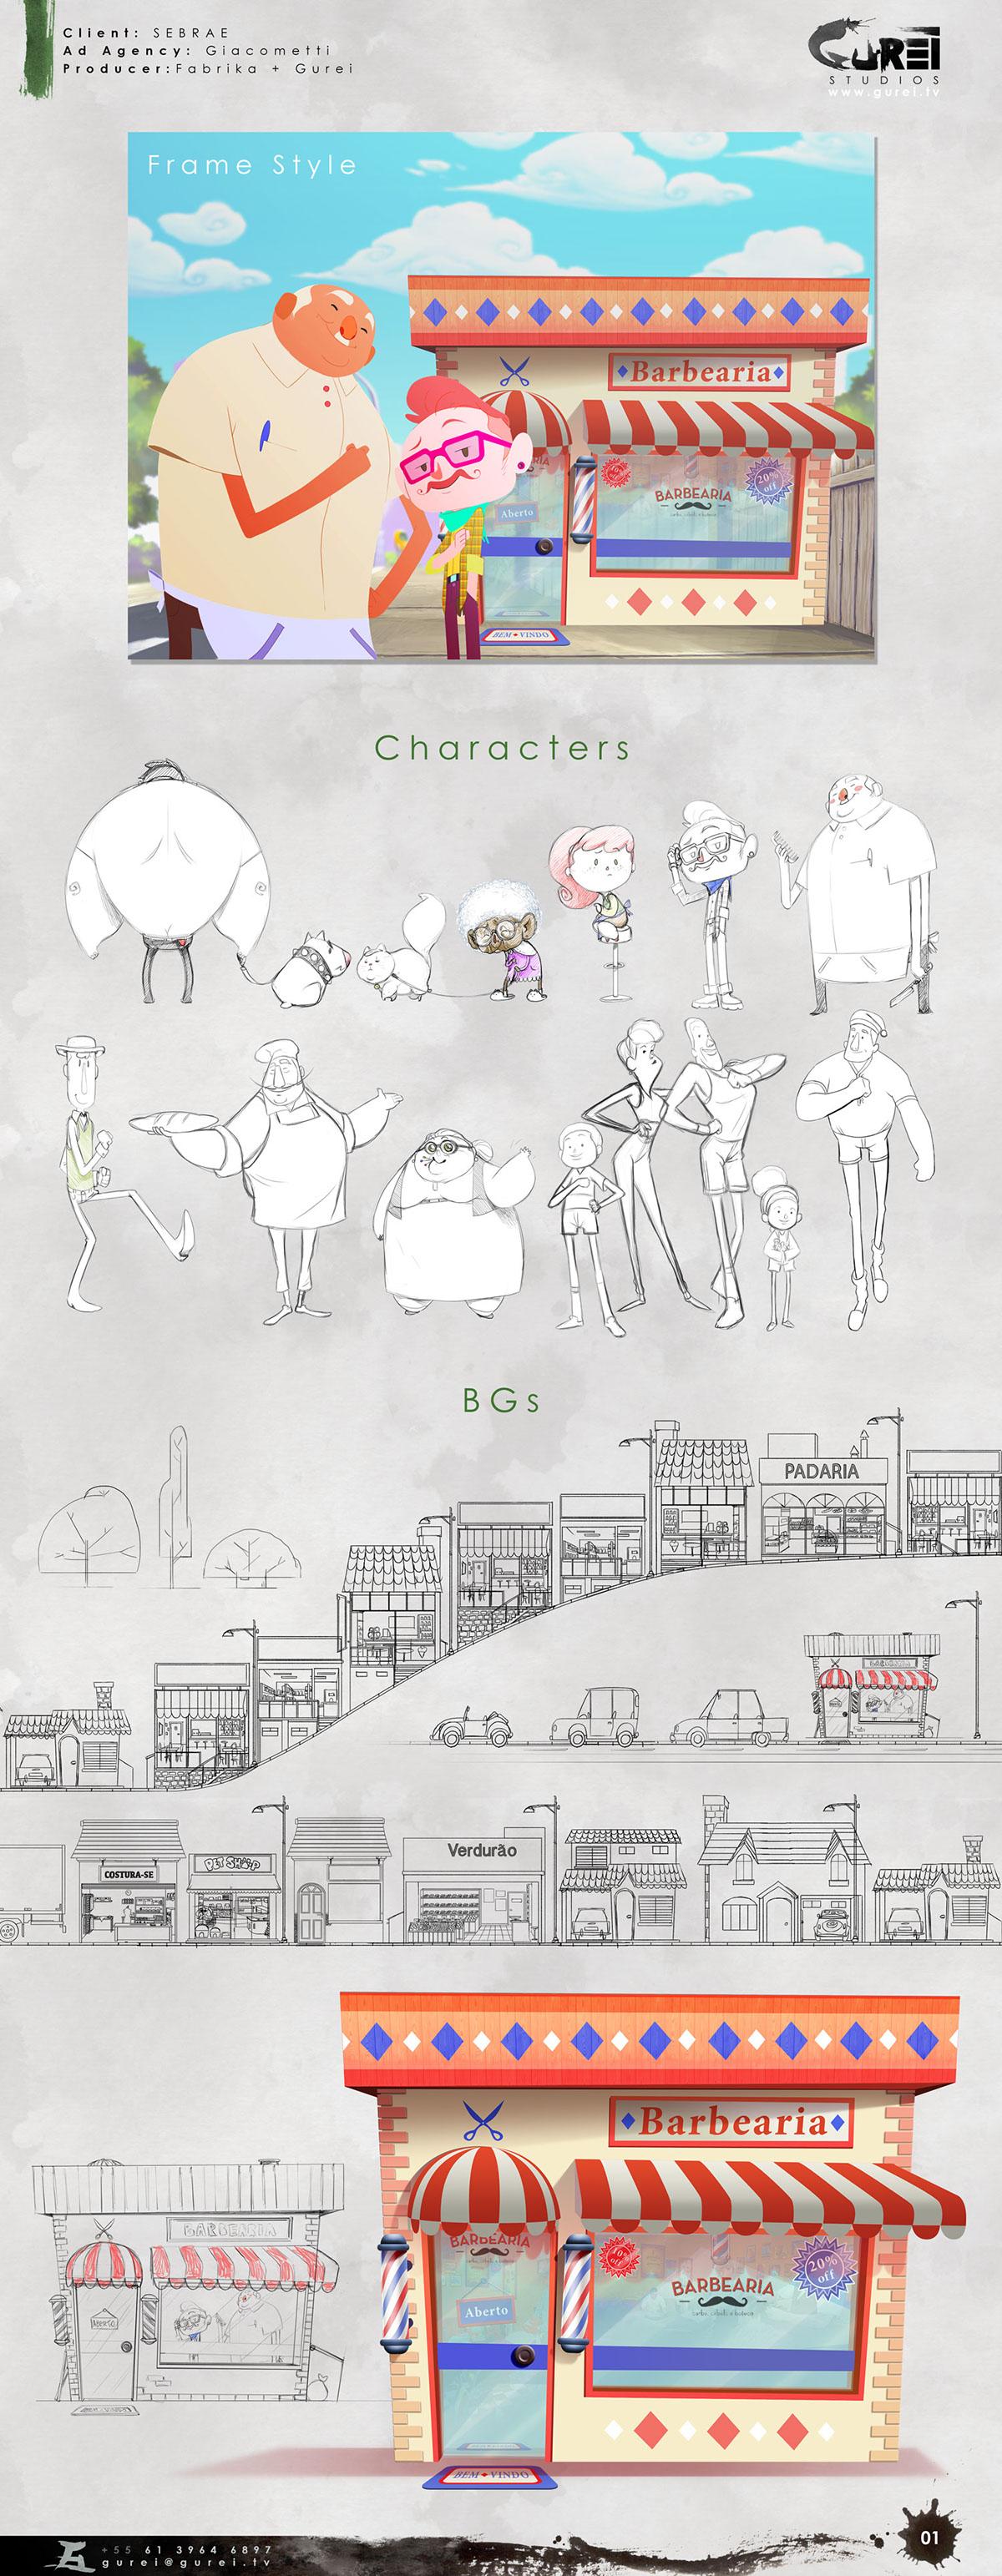 animação 2D Cartoon SEBRAE studio gurei pequeno negócio animation animatic storyboard cute barbeiro barbearia mercearia Small Bussiness